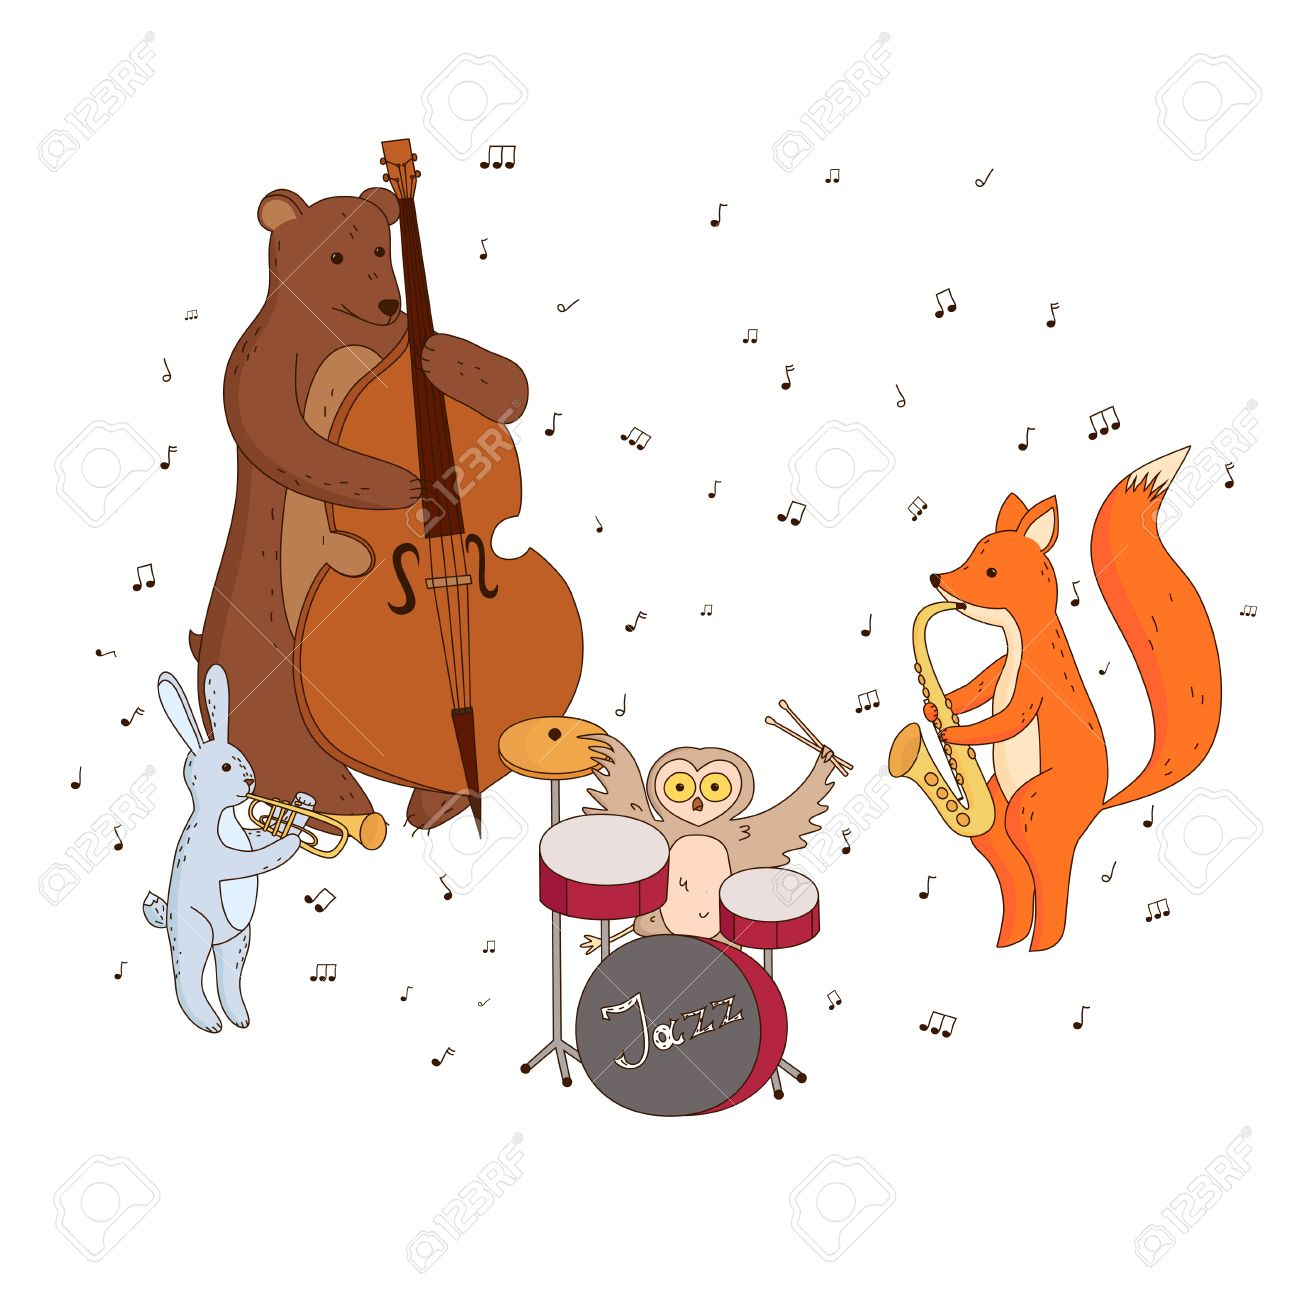 かわいい森の動物が楽器を演奏します 音楽グループ ジャズ バンド 子供のイラスト のイラスト素材 ベクタ Image